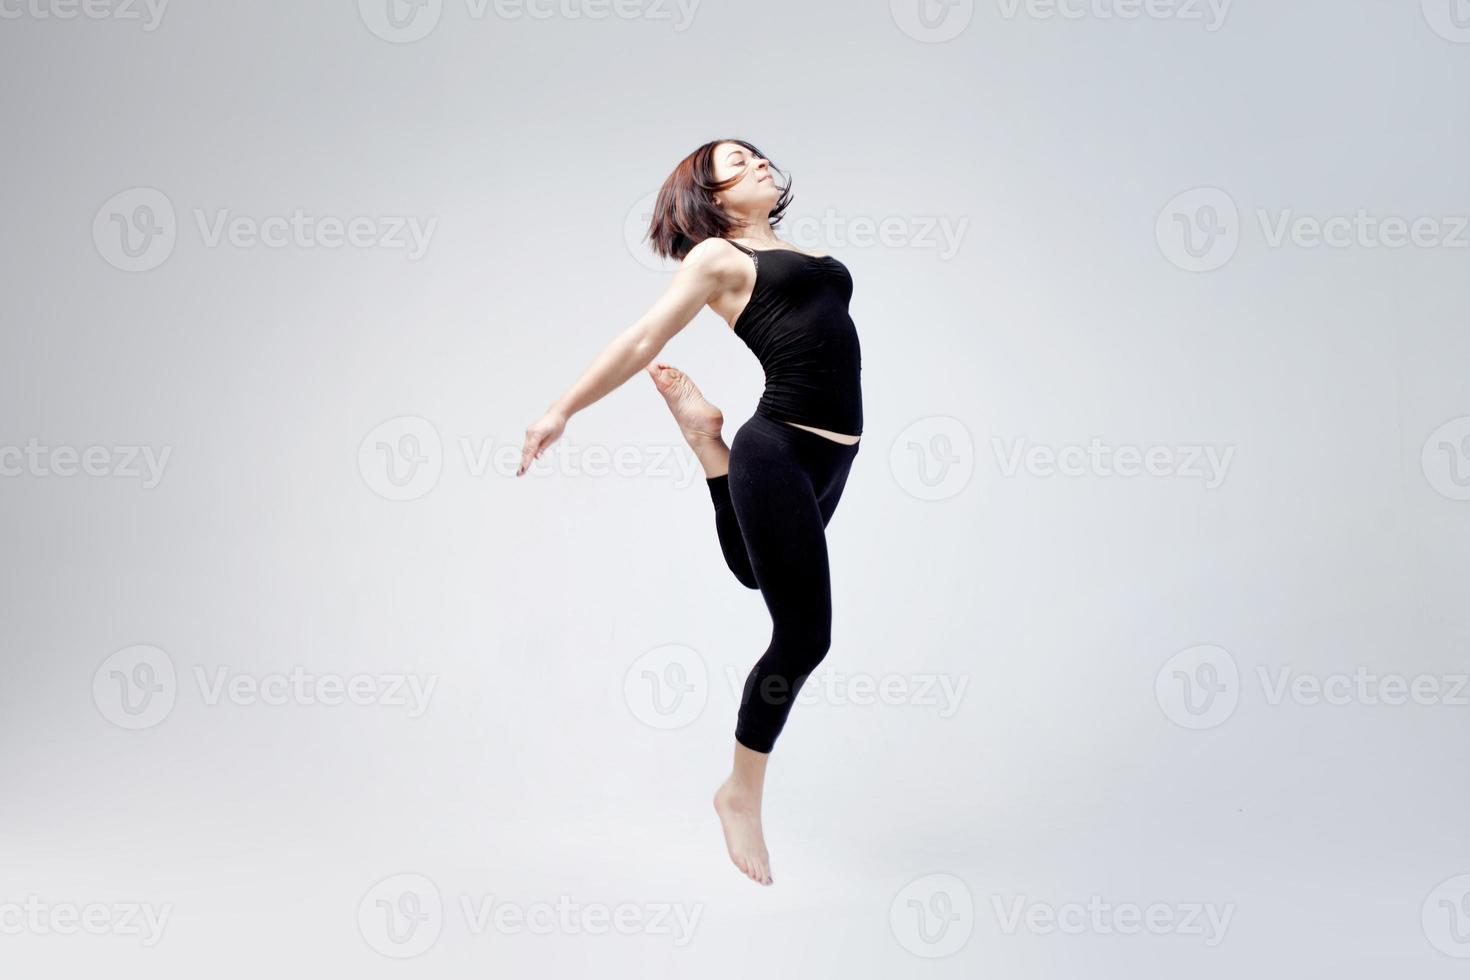 sportliches Mädchen posiert im Studio, Platz für Ihren Text auf foto